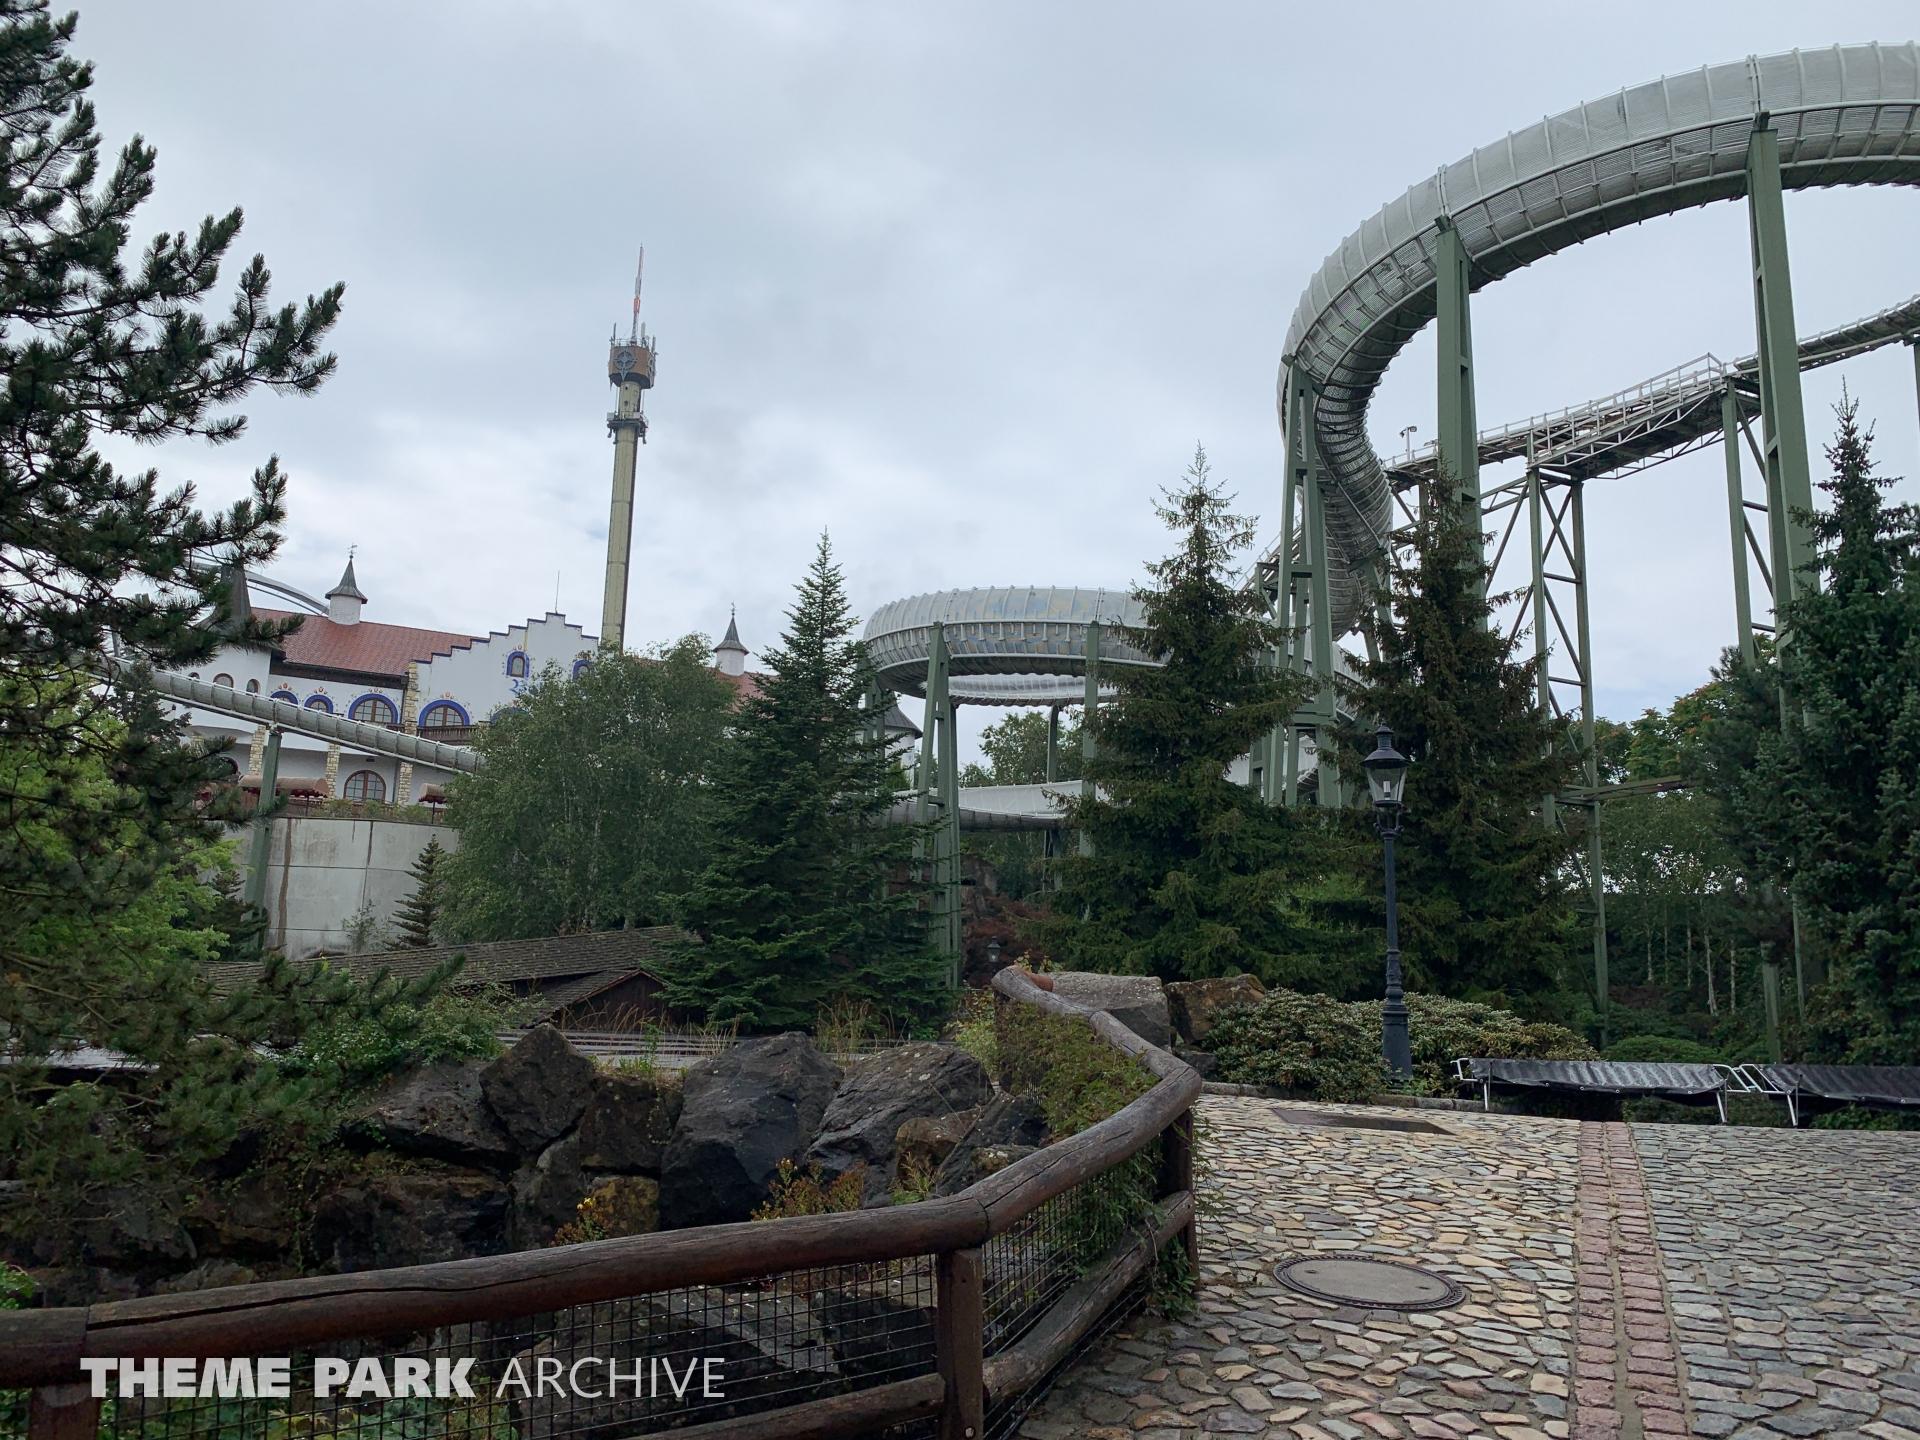 Bobbahn at Heide Park